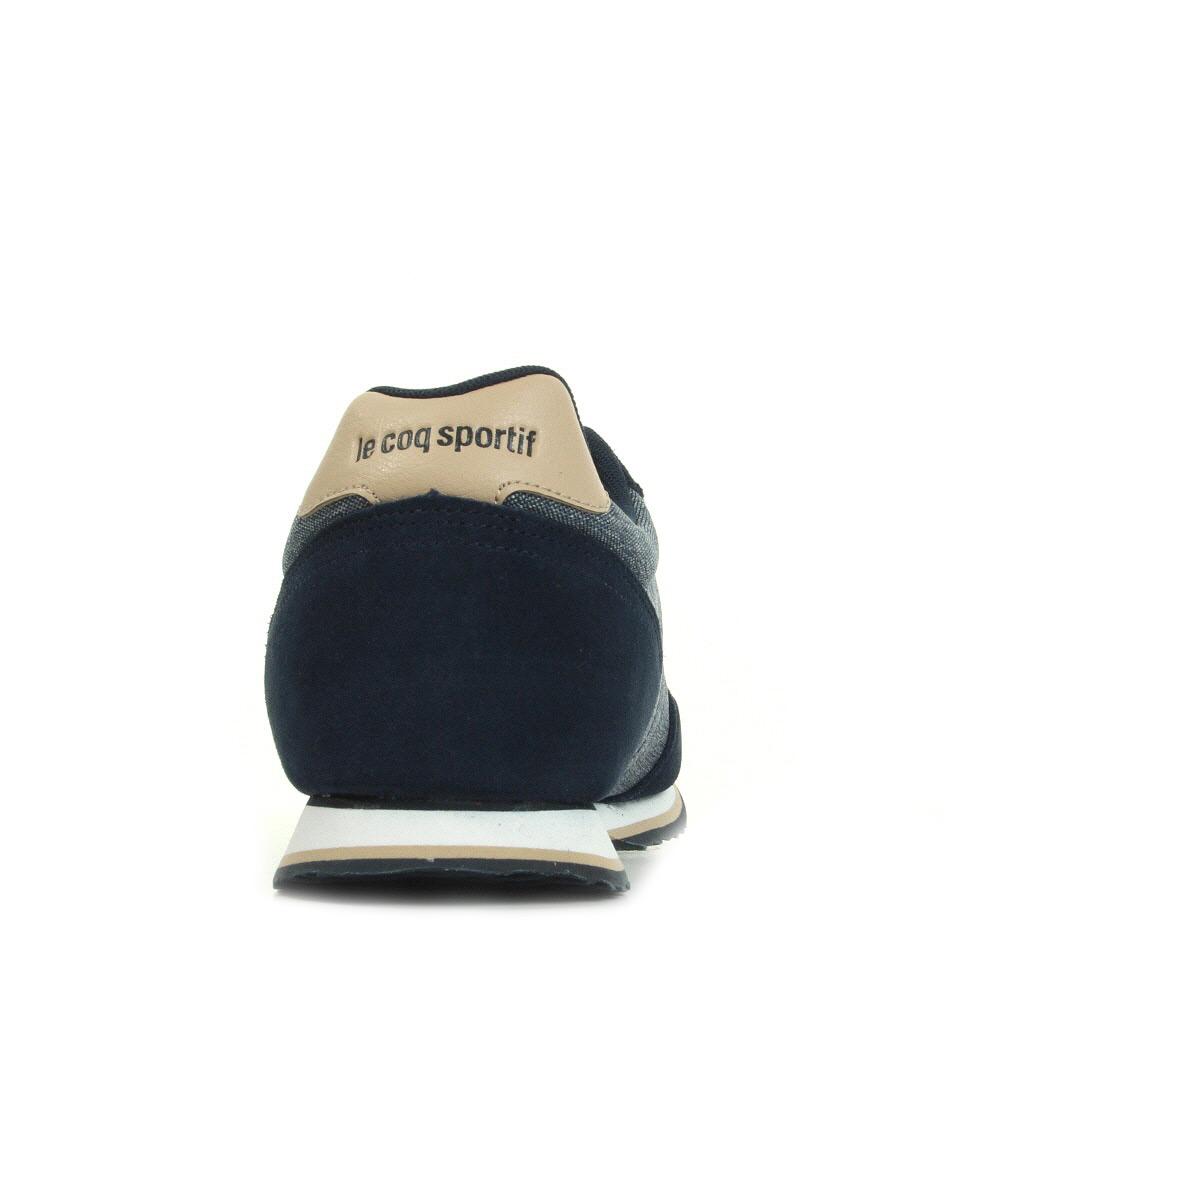 Le Coq Sportif Marsancraft 2 Tones/Suede 1710043, Baskets mode homme